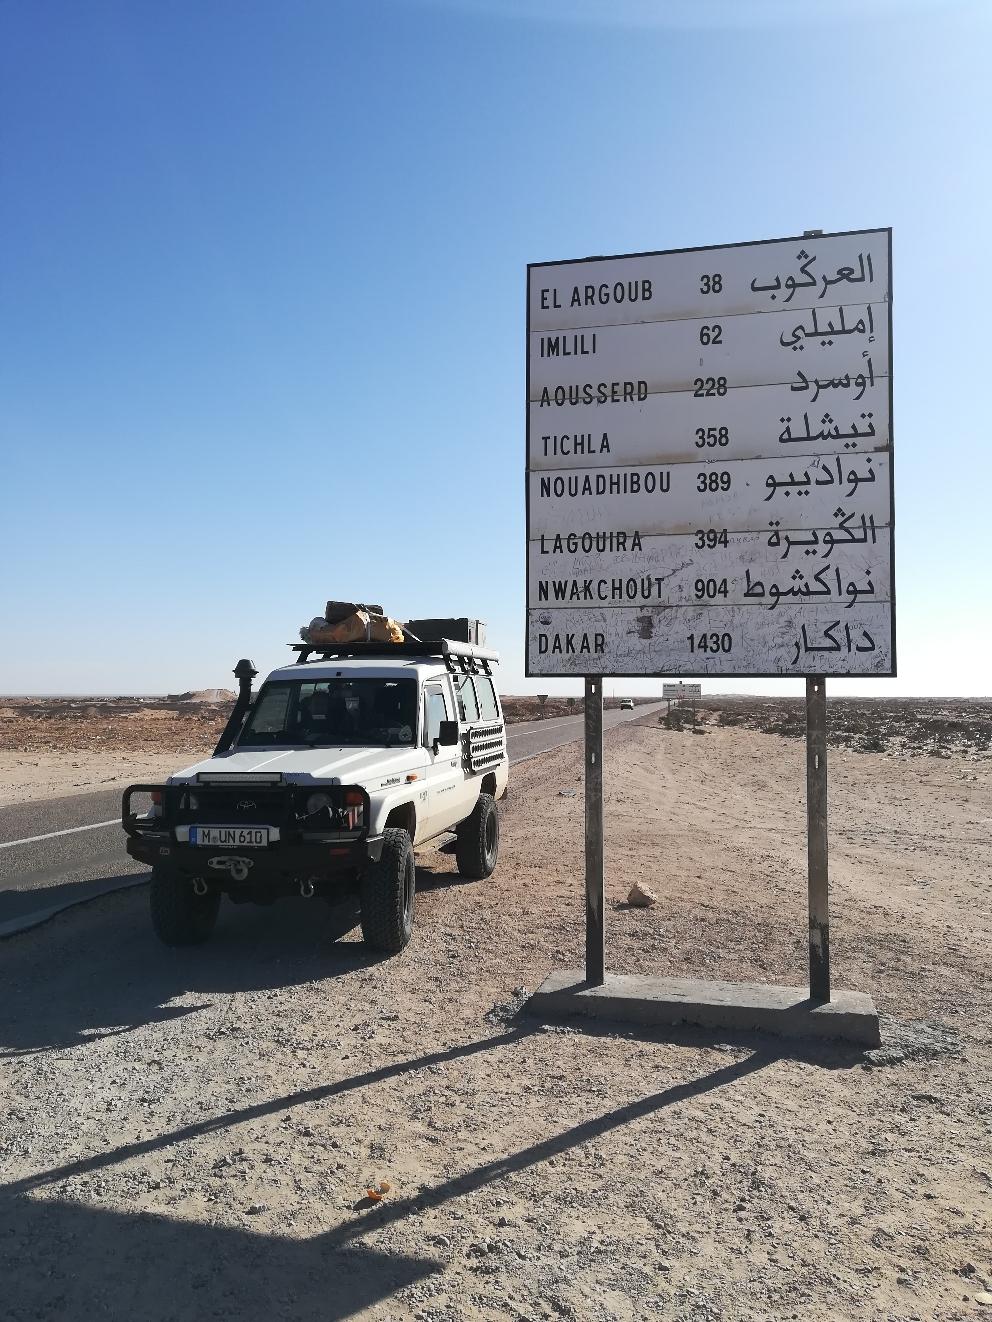 Nur noch 904km nach Nouakchott